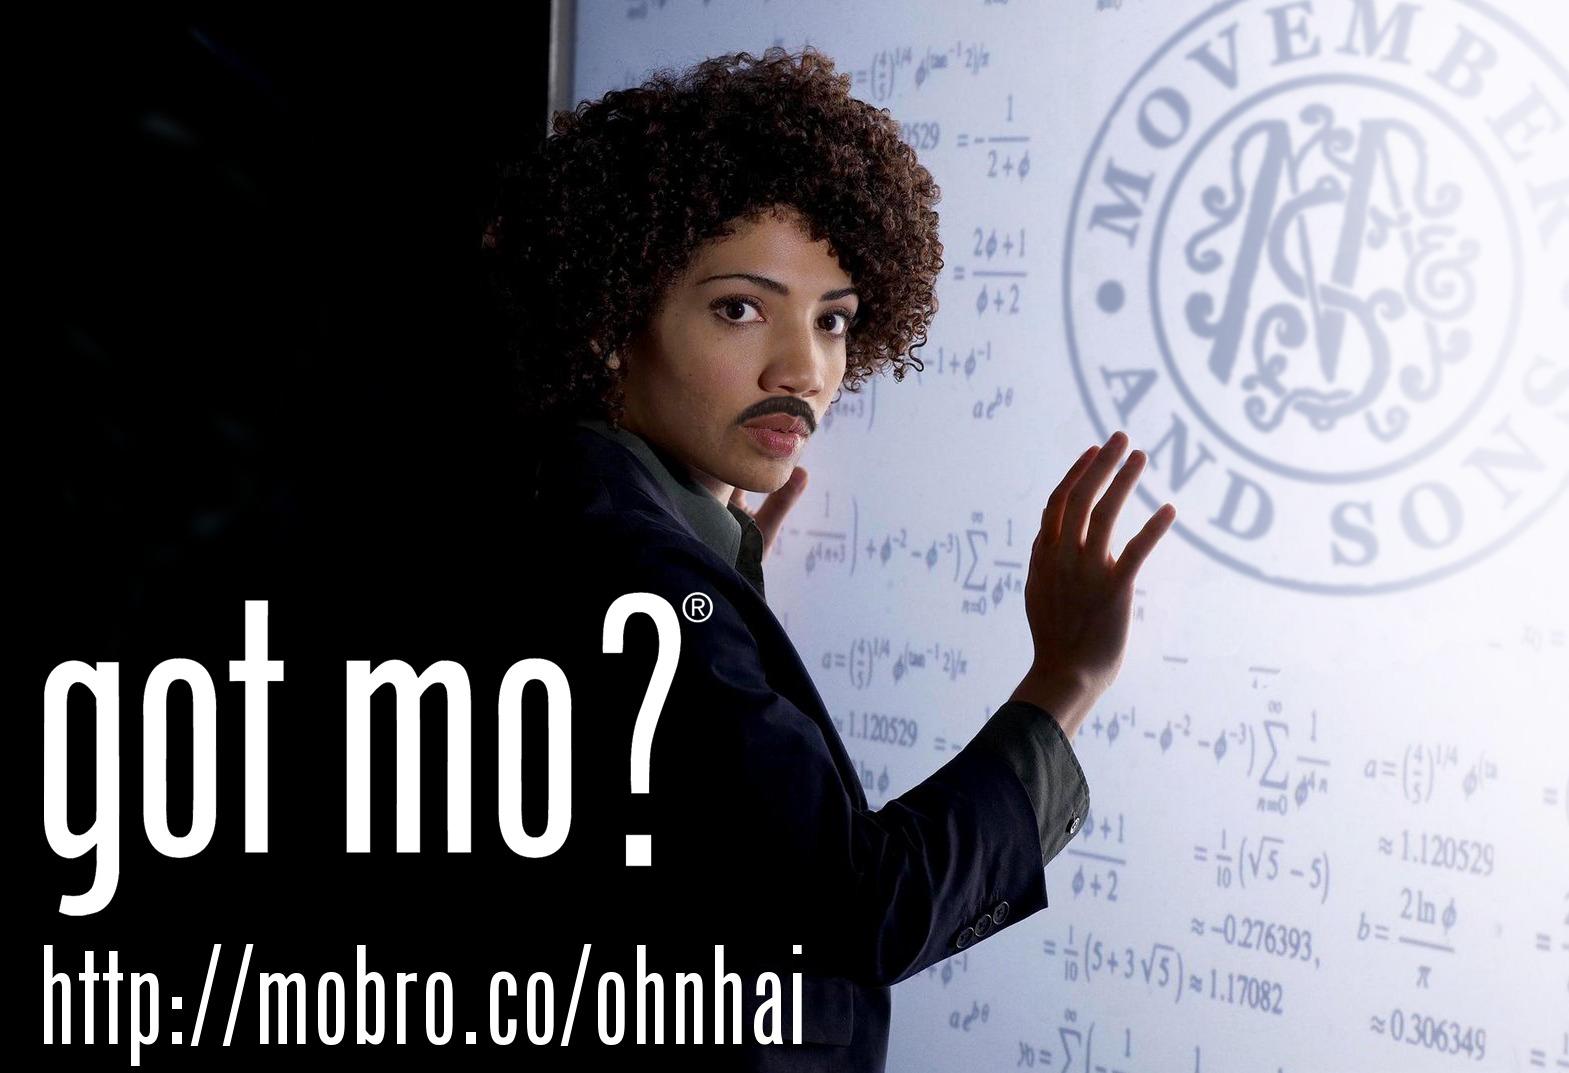 Got mo    004   jasika by ohnhai d5k1j1o